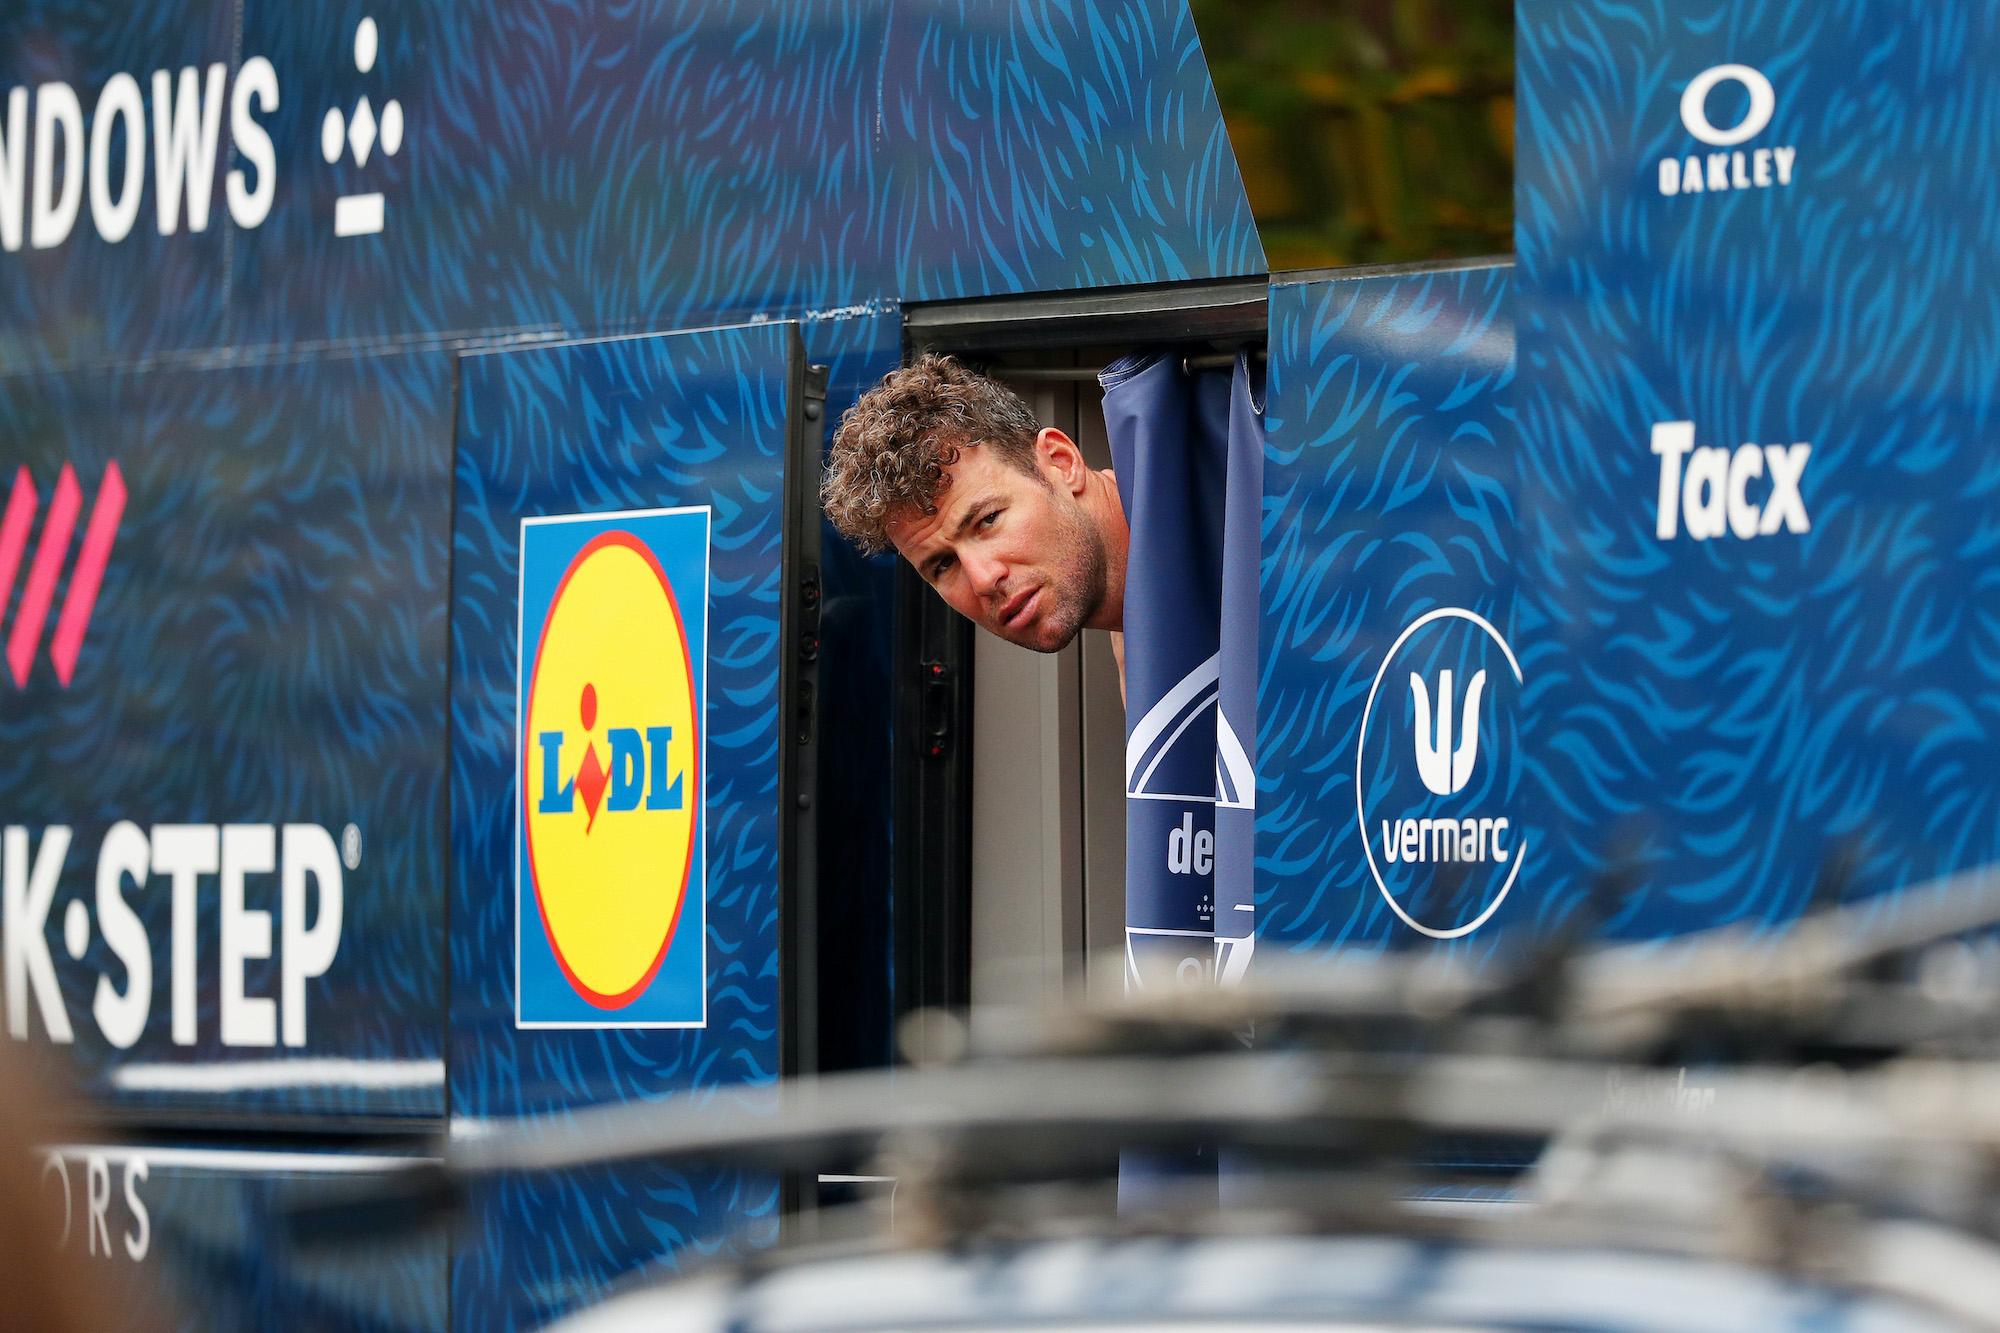 '¿Debería correr el riesgo?': Patrick Lefevere favorece a Fabio Jakobsen sobre Mark Cavendish para el Tour de Francia 2022, mientras continúan las negociaciones del contrato